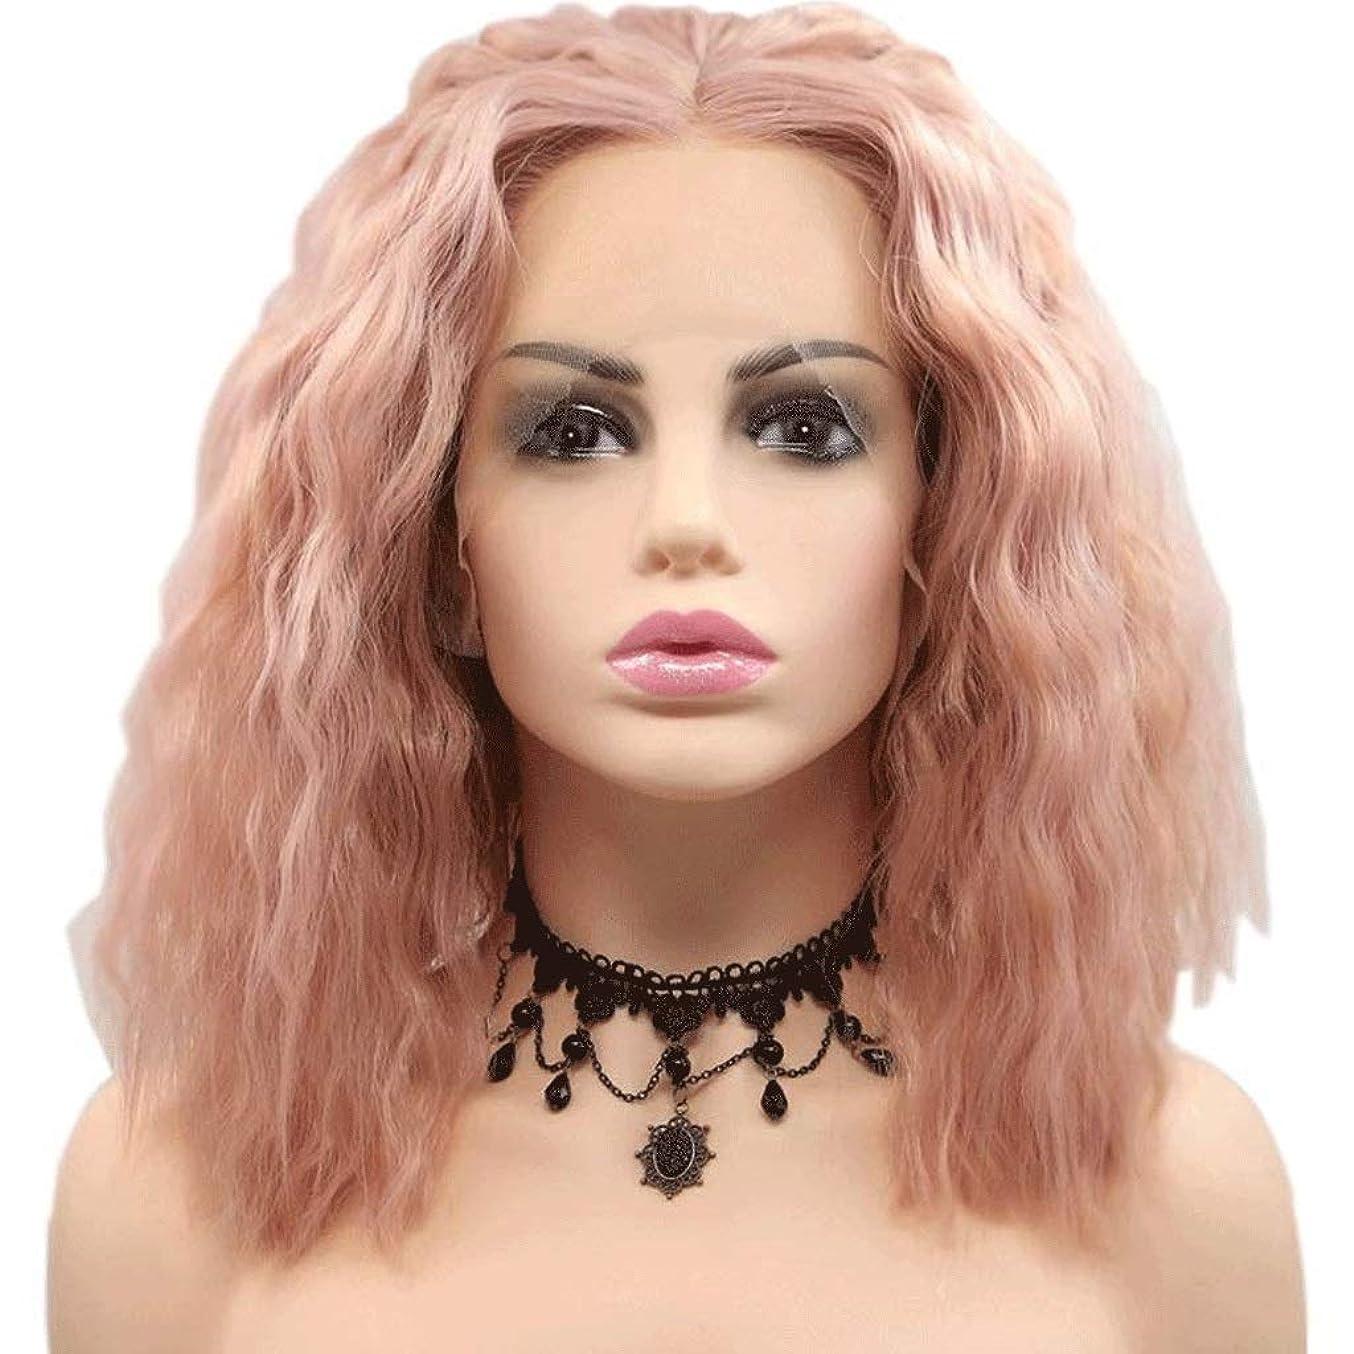 情緒的安らぎむしゃむしゃ短い巻き毛のかつら魅力的な女性ボブのかつら、女性のコスプレパーティー日常用14インチのレースフロント人工毛 (色 : Pink)